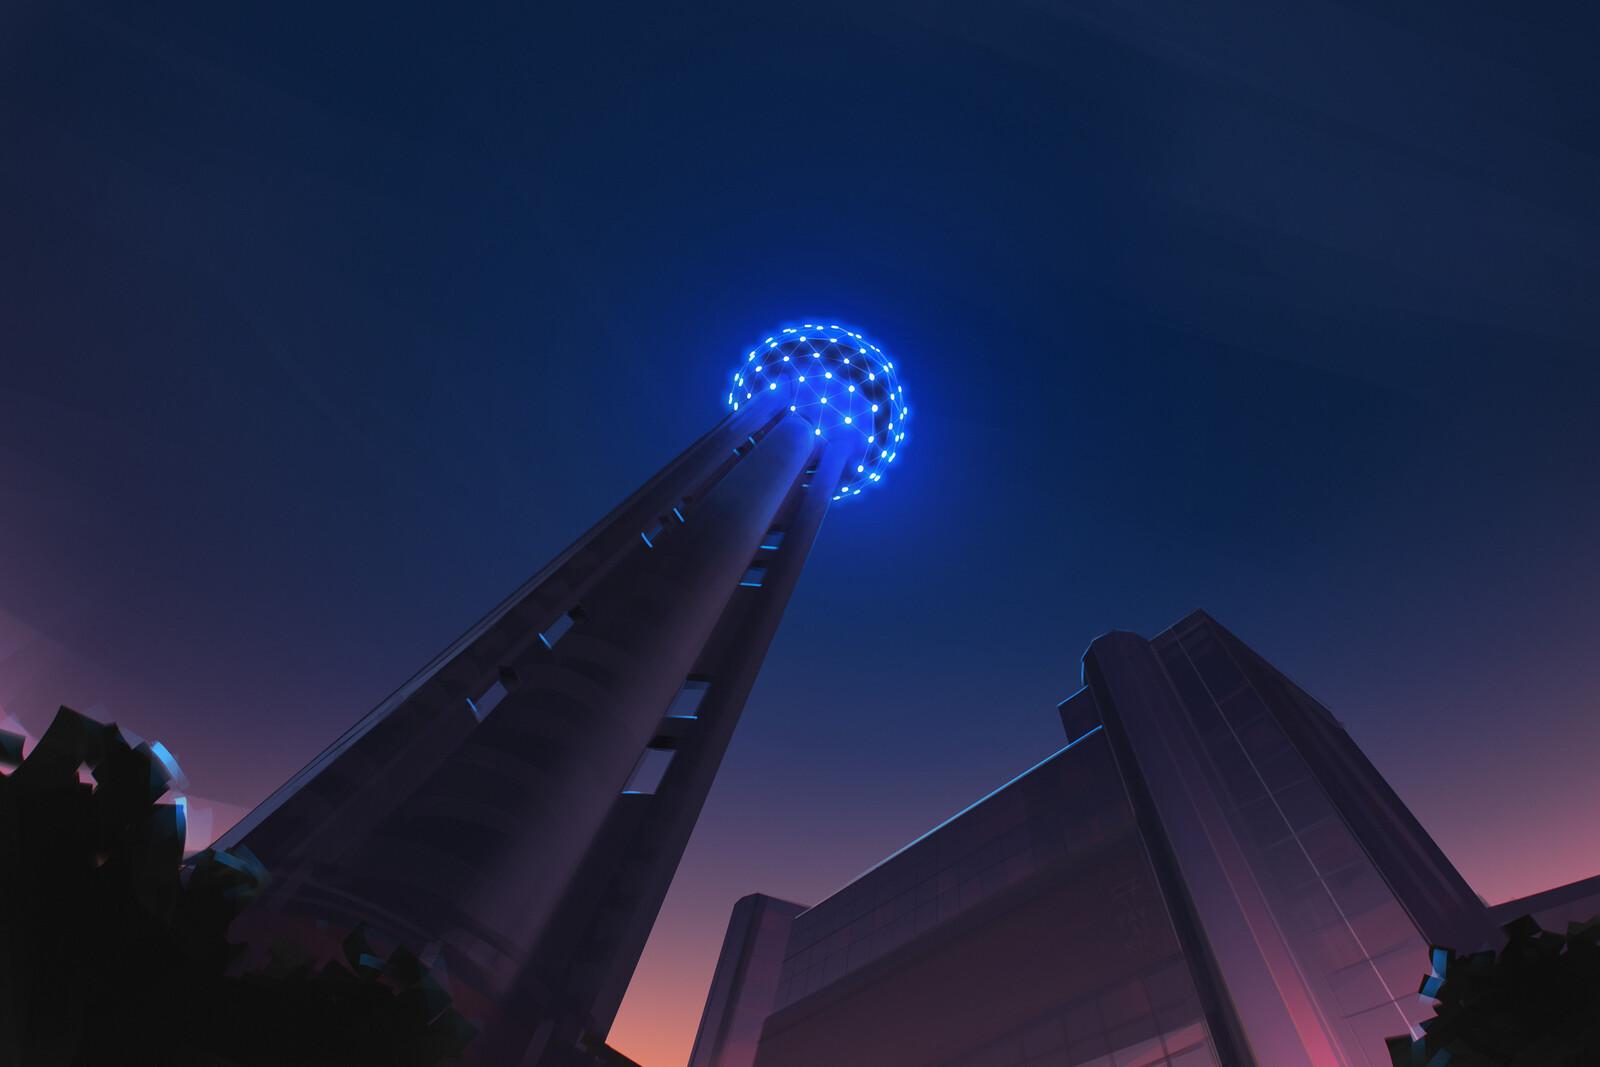 Reunion Tower at Hyatt Regency Dallas, Texas Furrry Fiesta